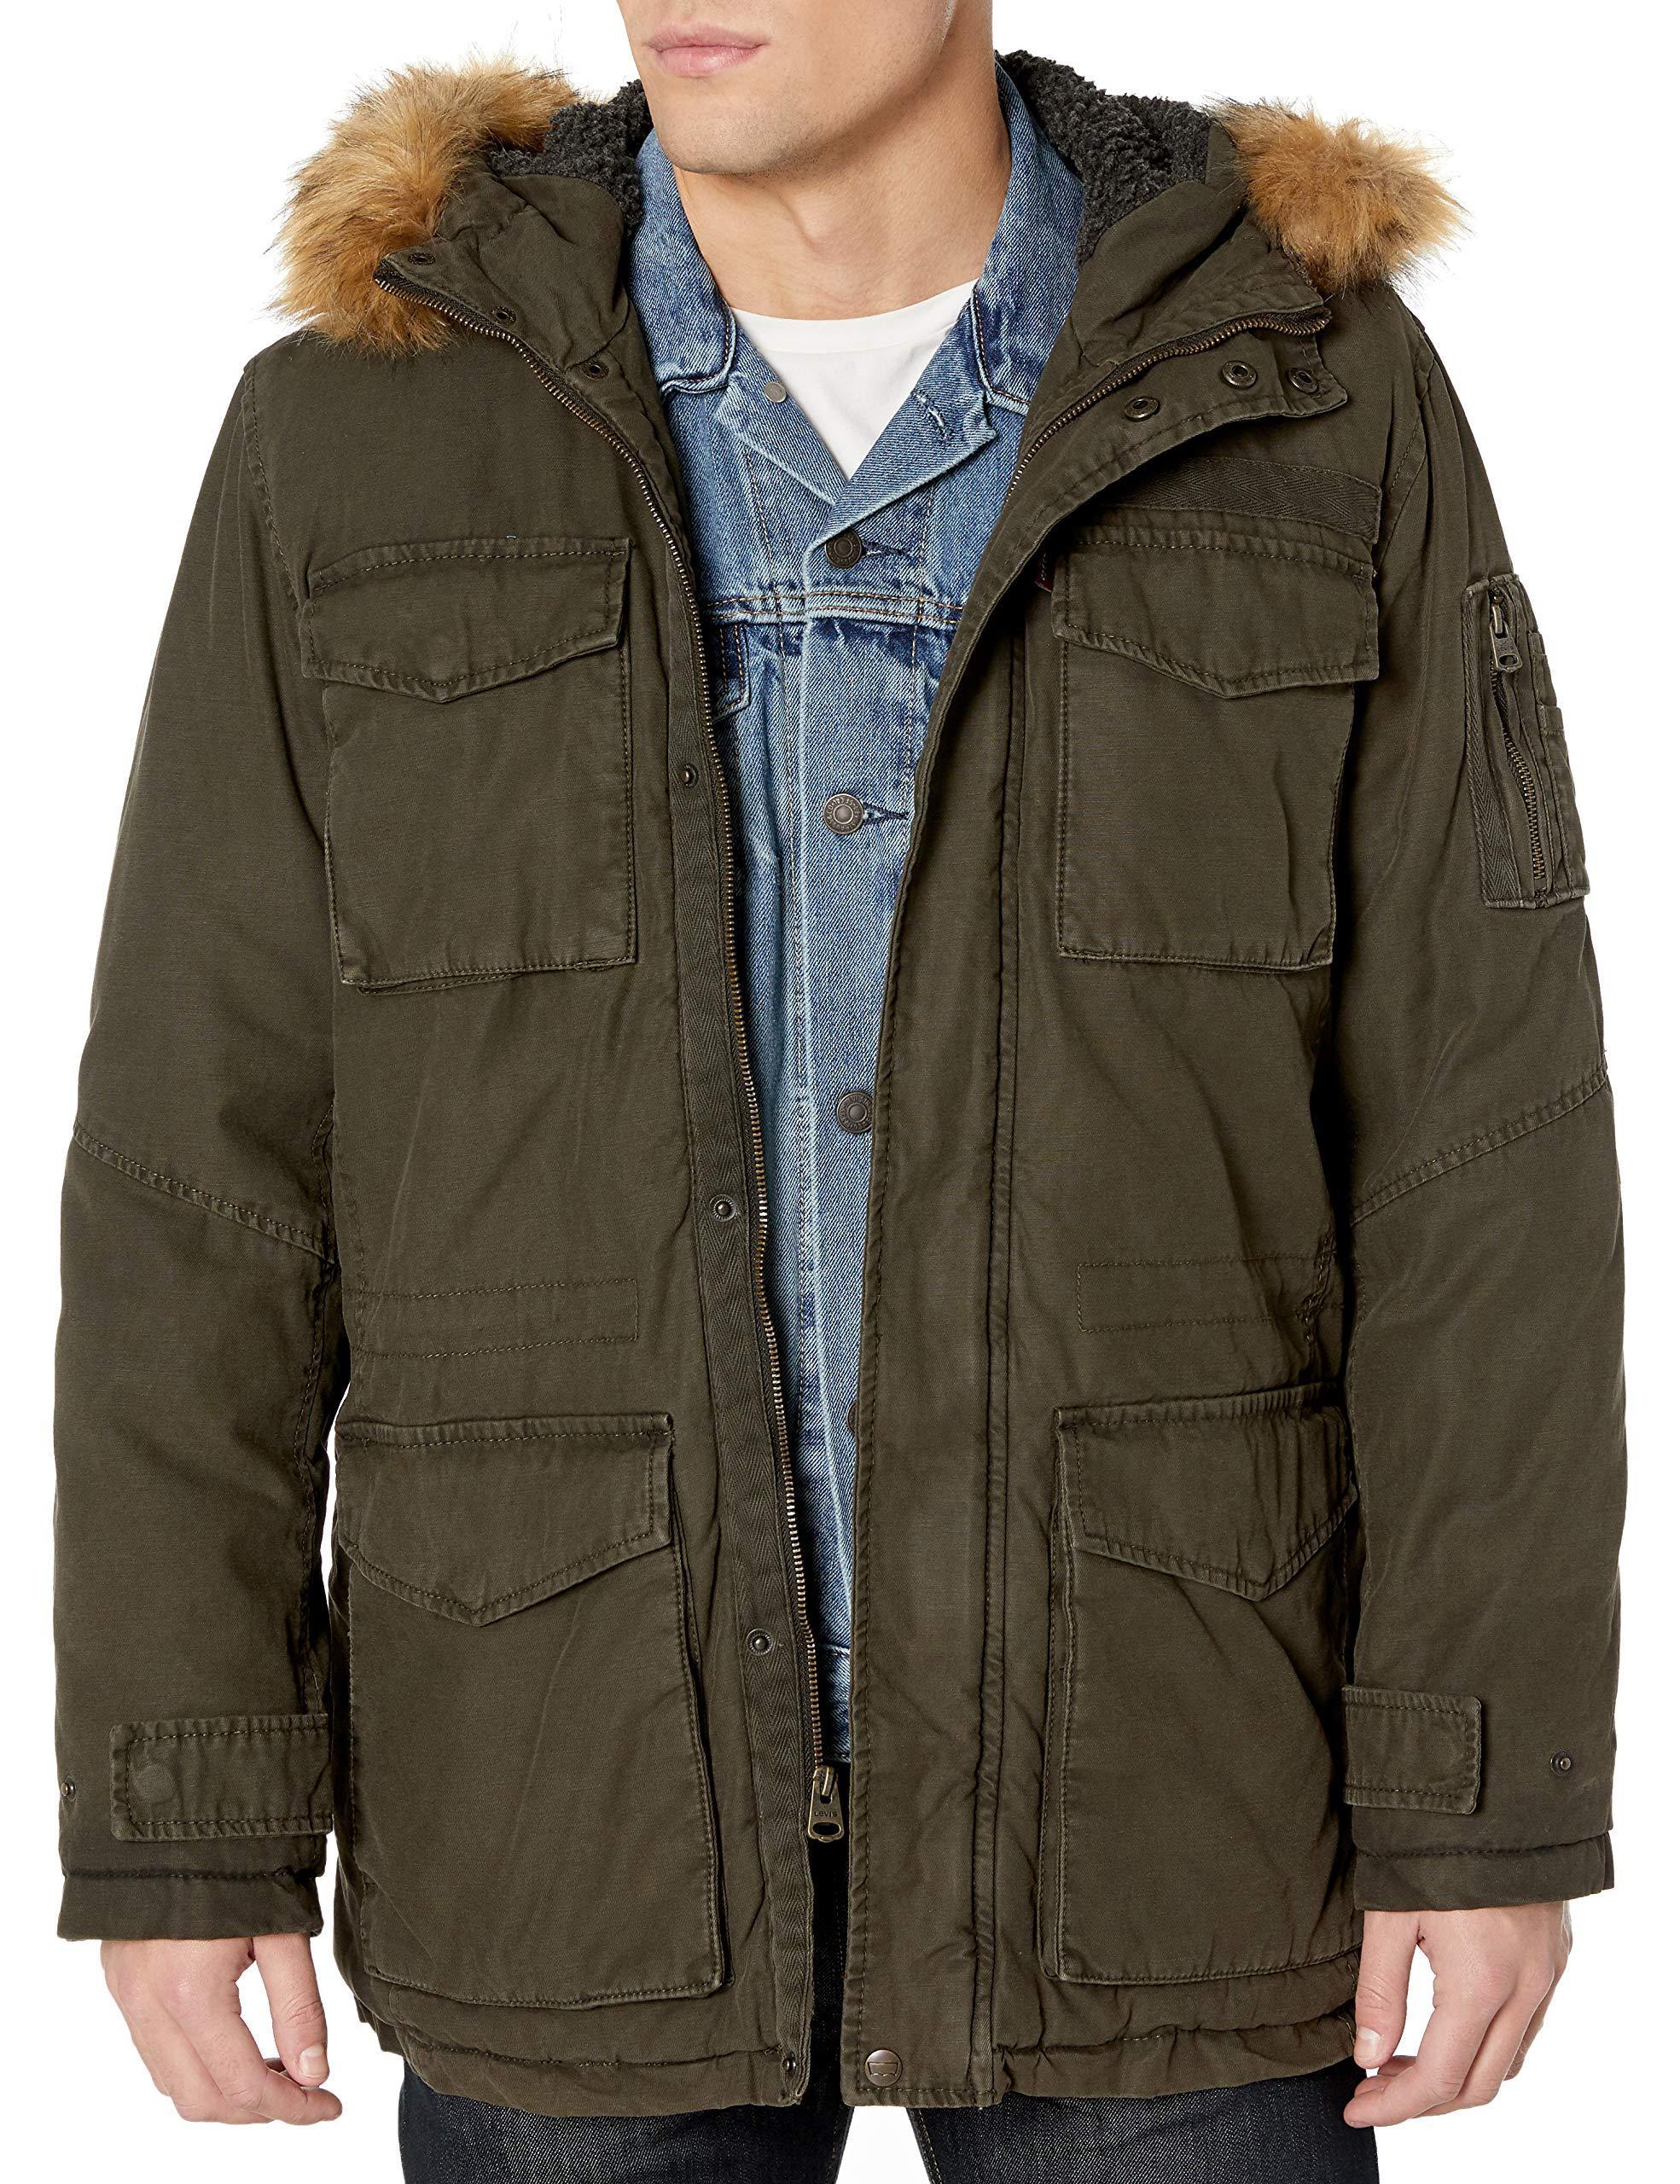 Vintage Hawke /& Company Parka Coat Fleece w//Faux Fur Jacket Winter Coat w//Socks